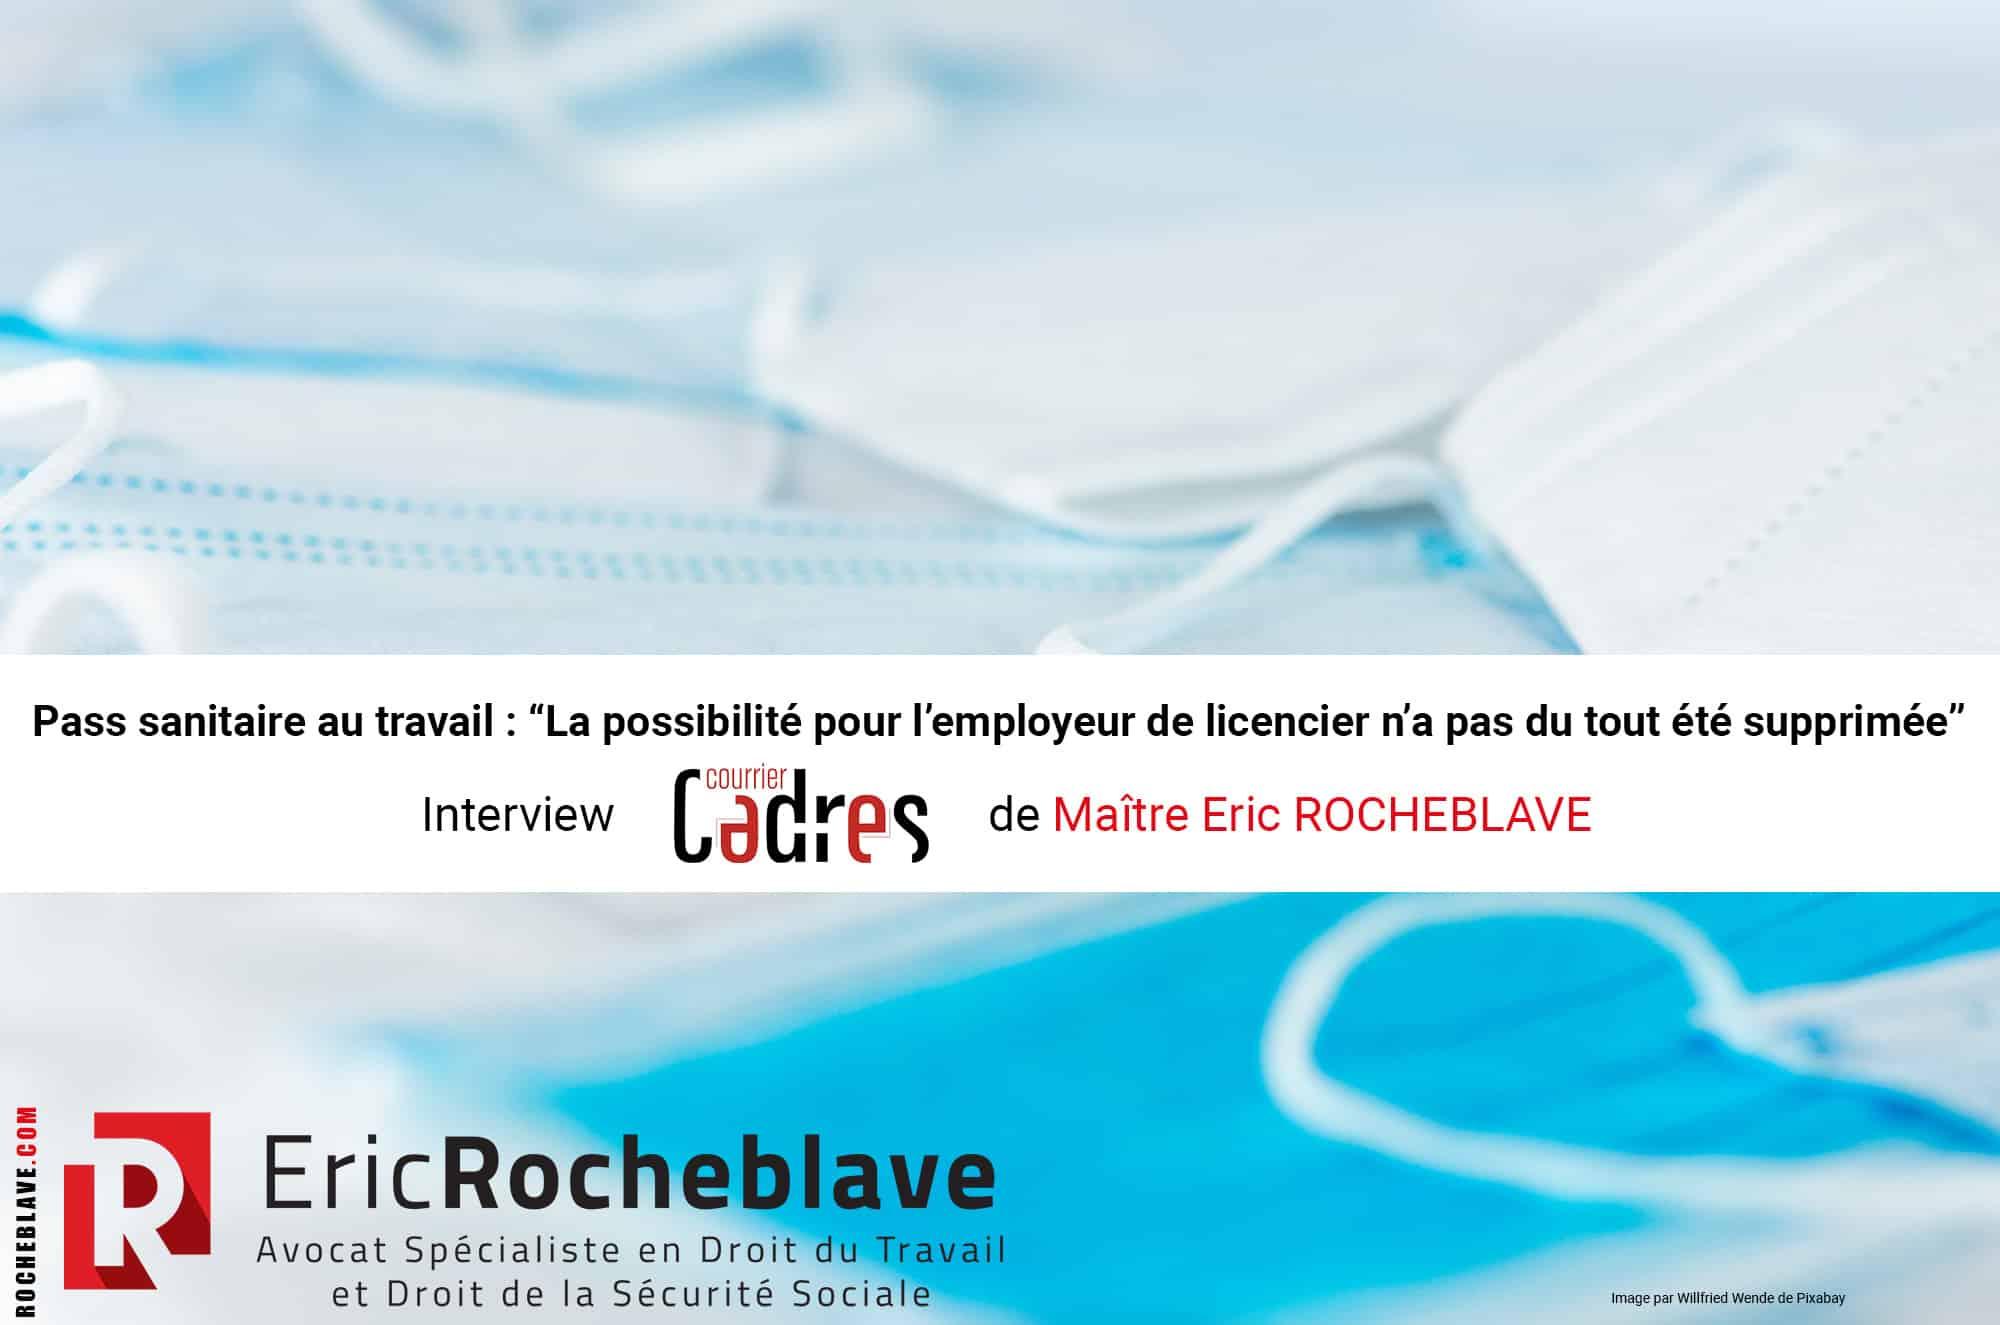 """Pass sanitaire au travail : """"La possibilité pour l'employeur de licencier n'a pas du tout été supprimée"""" - Interview Courrier Cadres de Maître Eric ROCHEBLAVE"""